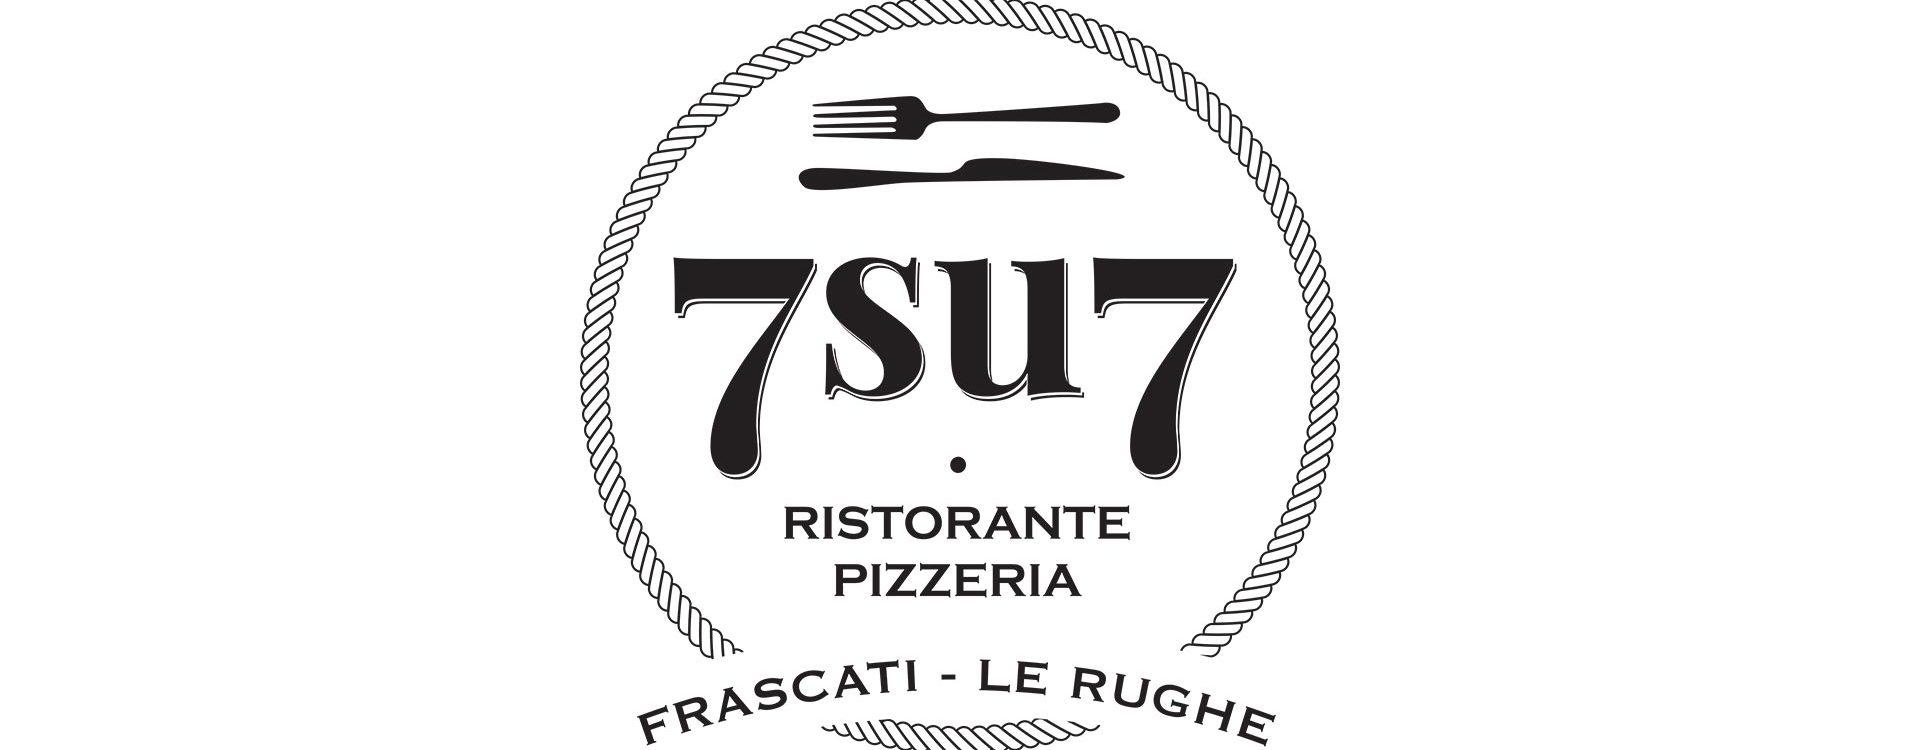 Ristorante 7su7 - logo